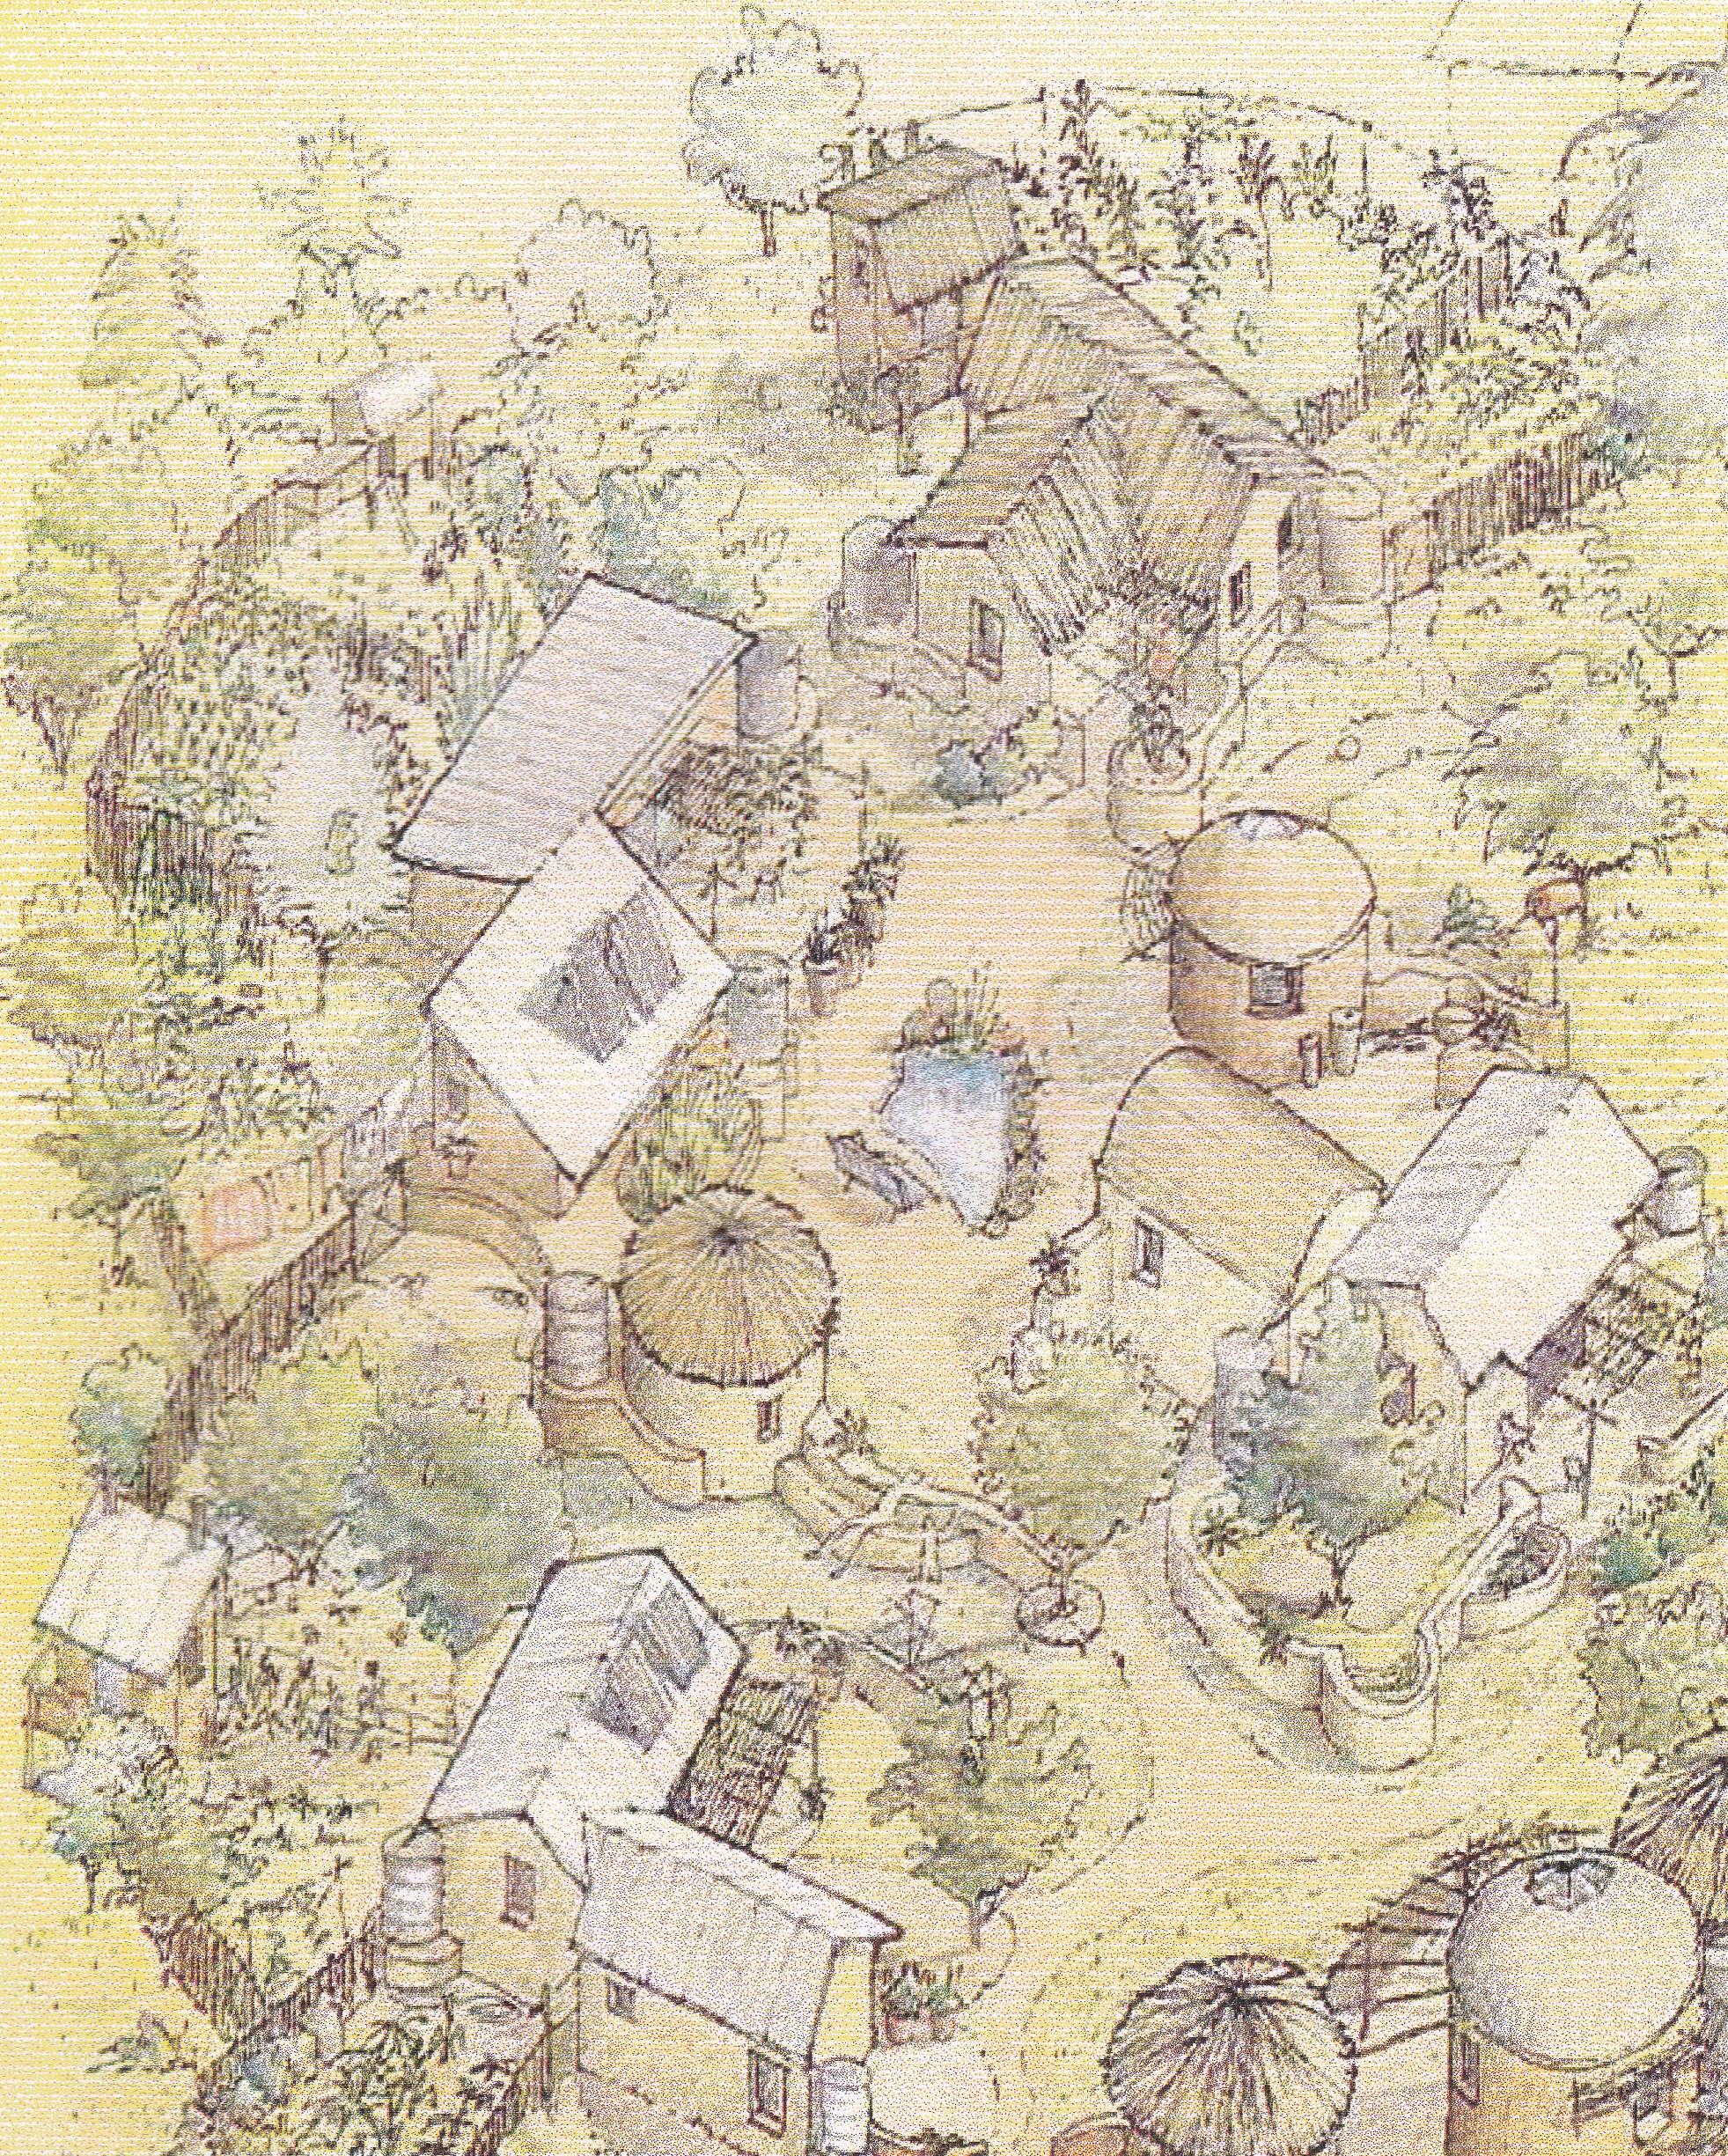 4 - Thlolego - Illustrazione del Villaggio esistente nel 2004